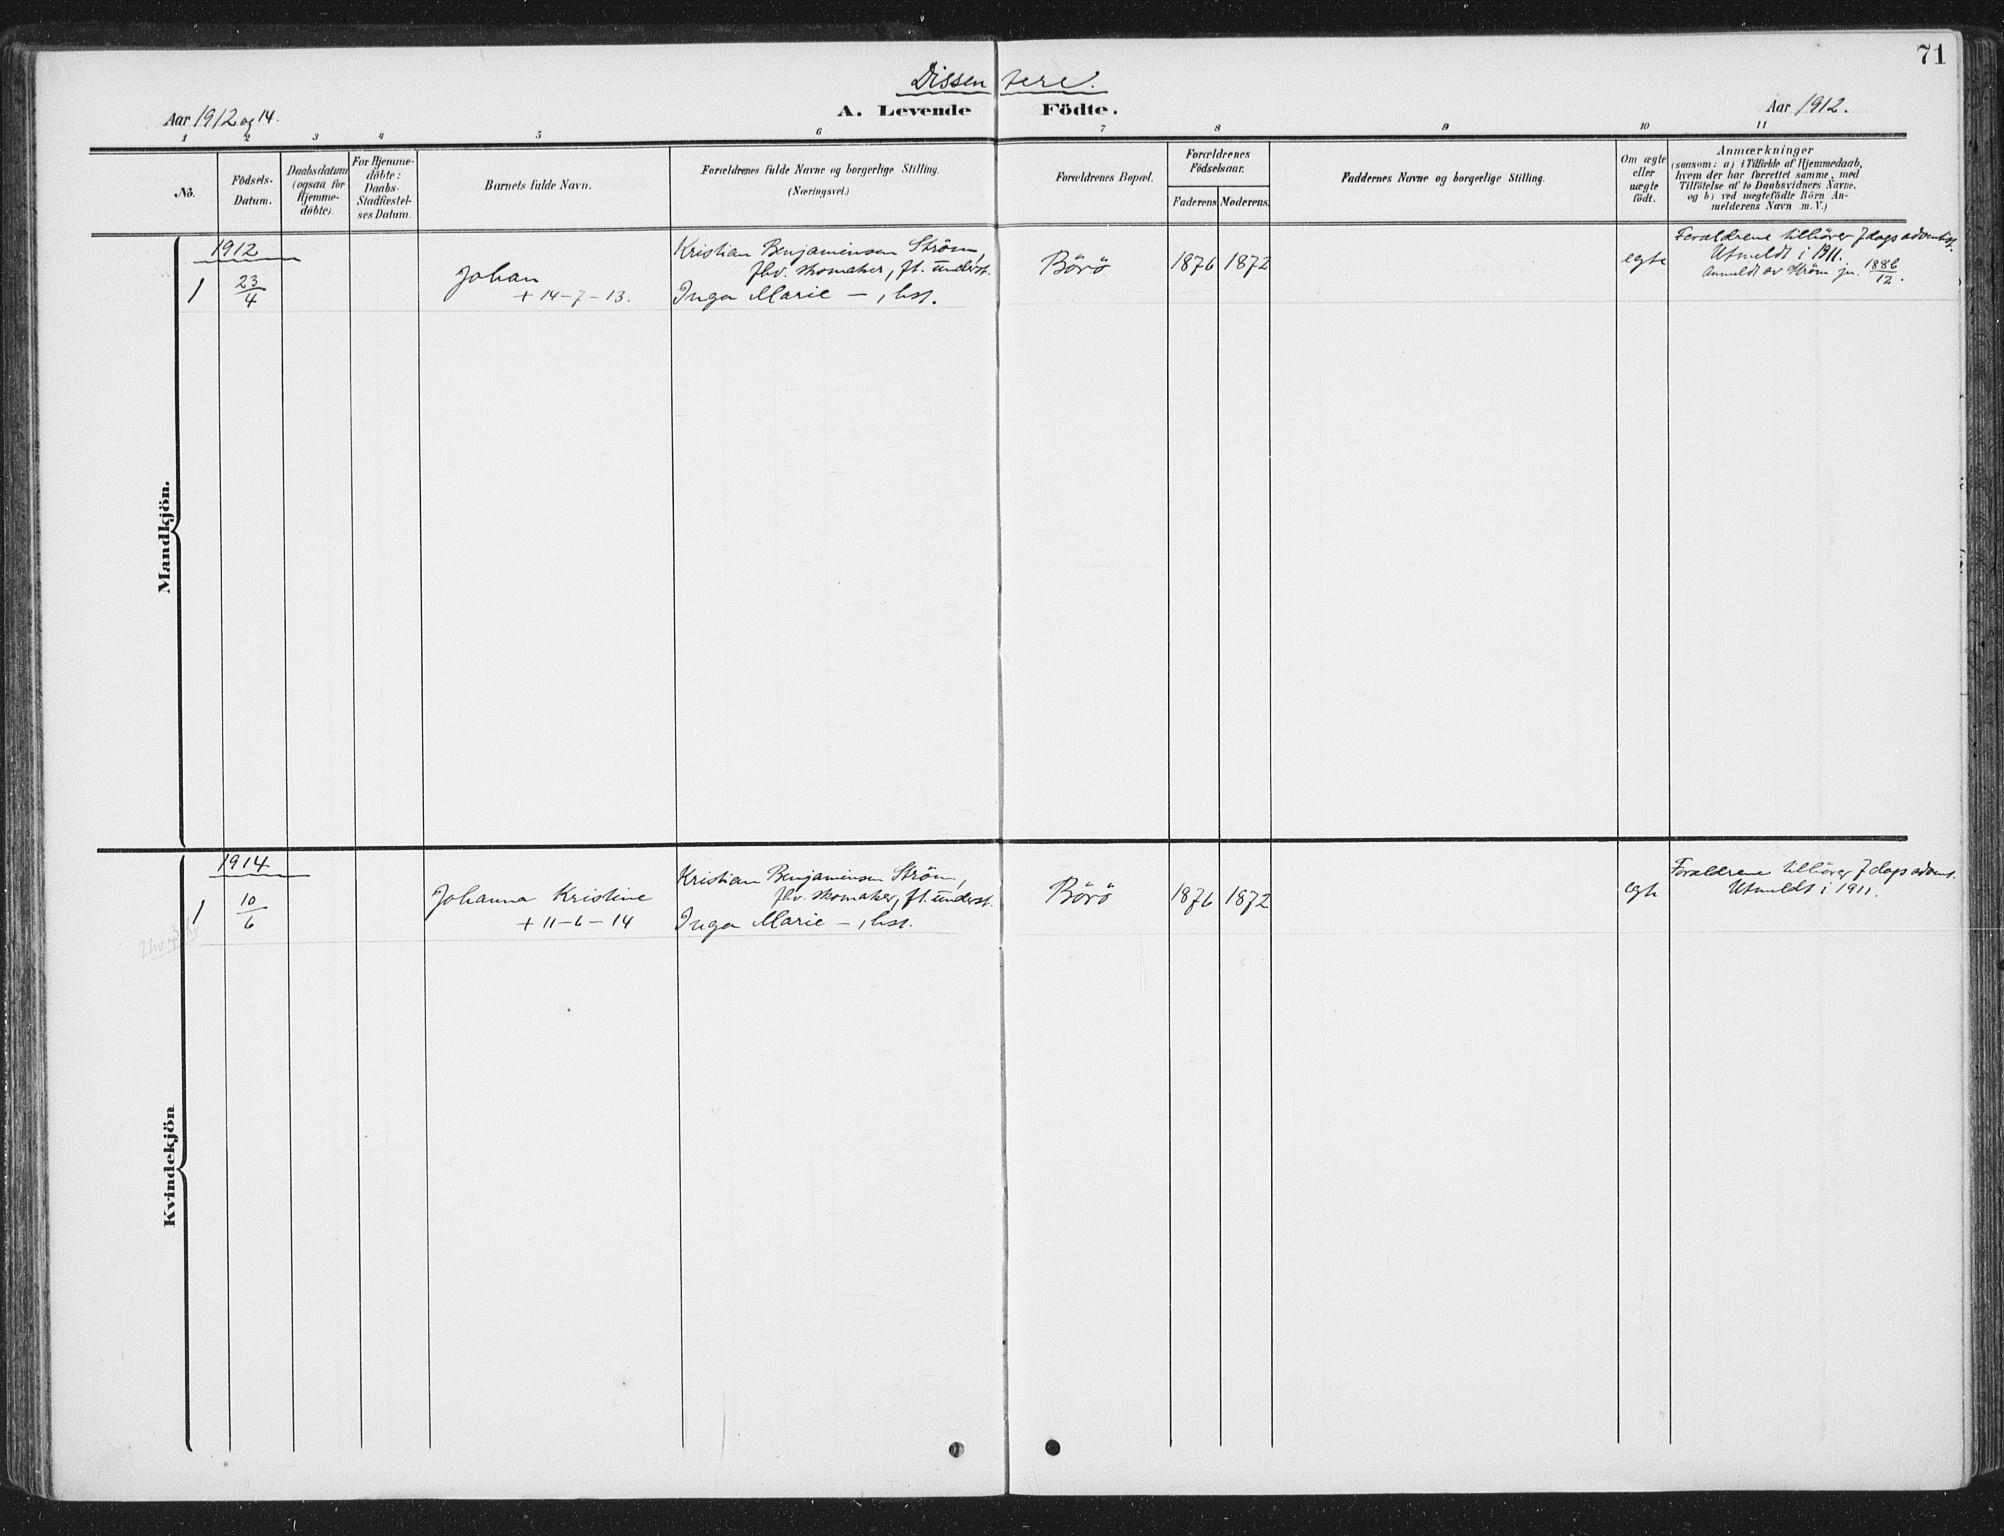 SAT, Ministerialprotokoller, klokkerbøker og fødselsregistre - Sør-Trøndelag, 657/L0709: Ministerialbok nr. 657A10, 1905-1919, s. 71